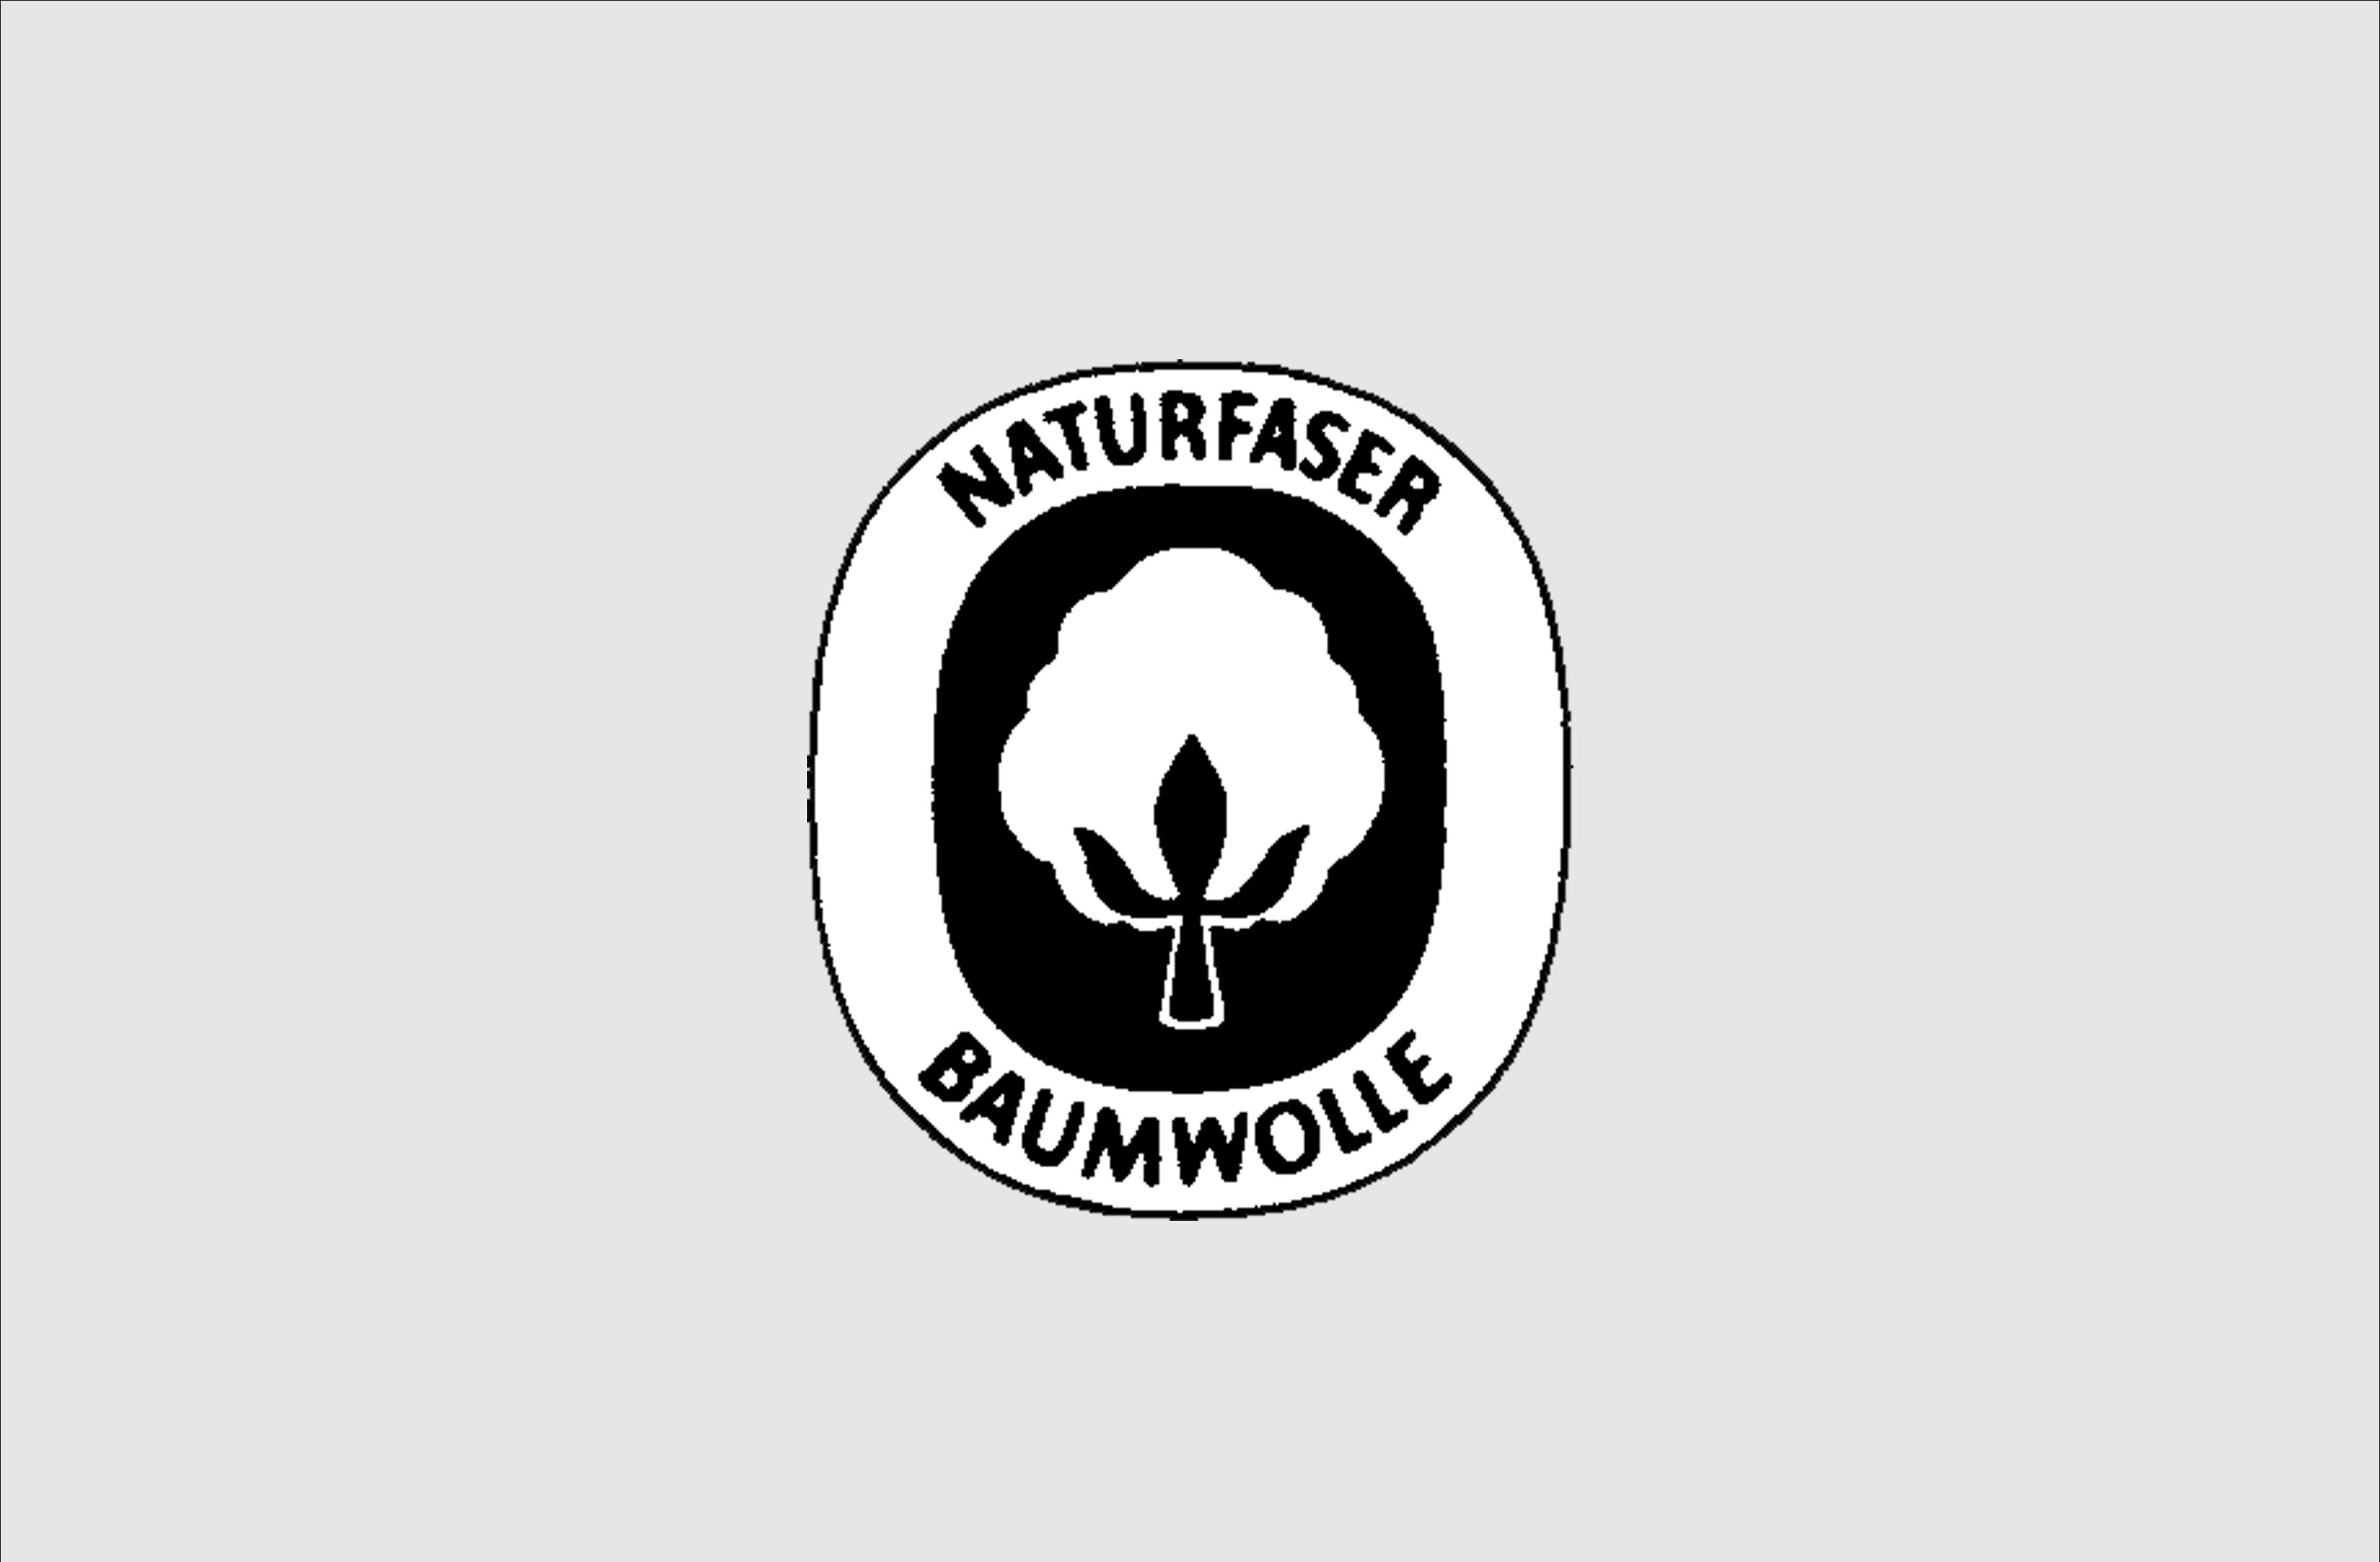 media/image/NaturfaserBaumwolle_Mobil.jpg